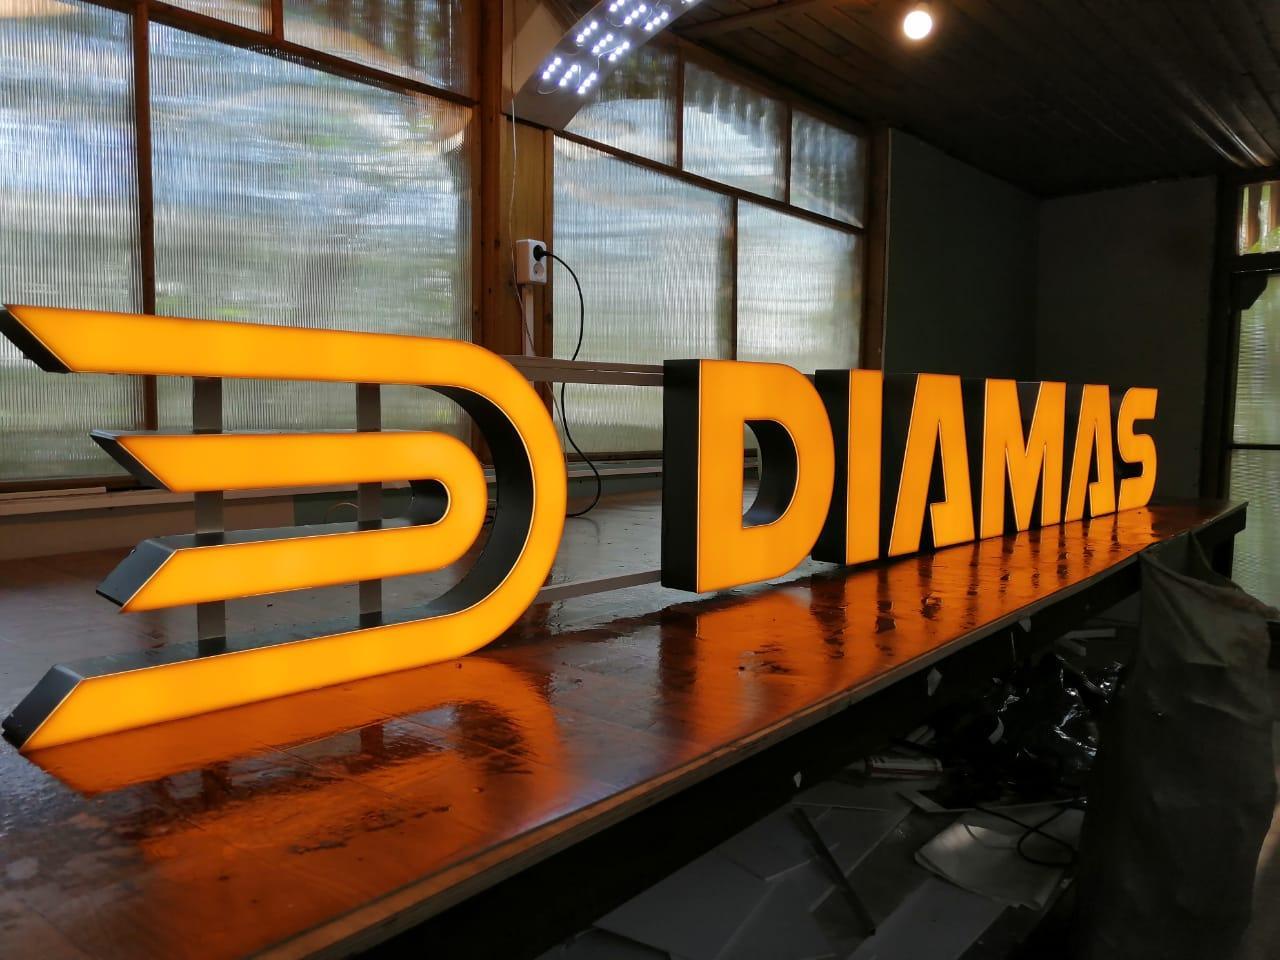 Diamas